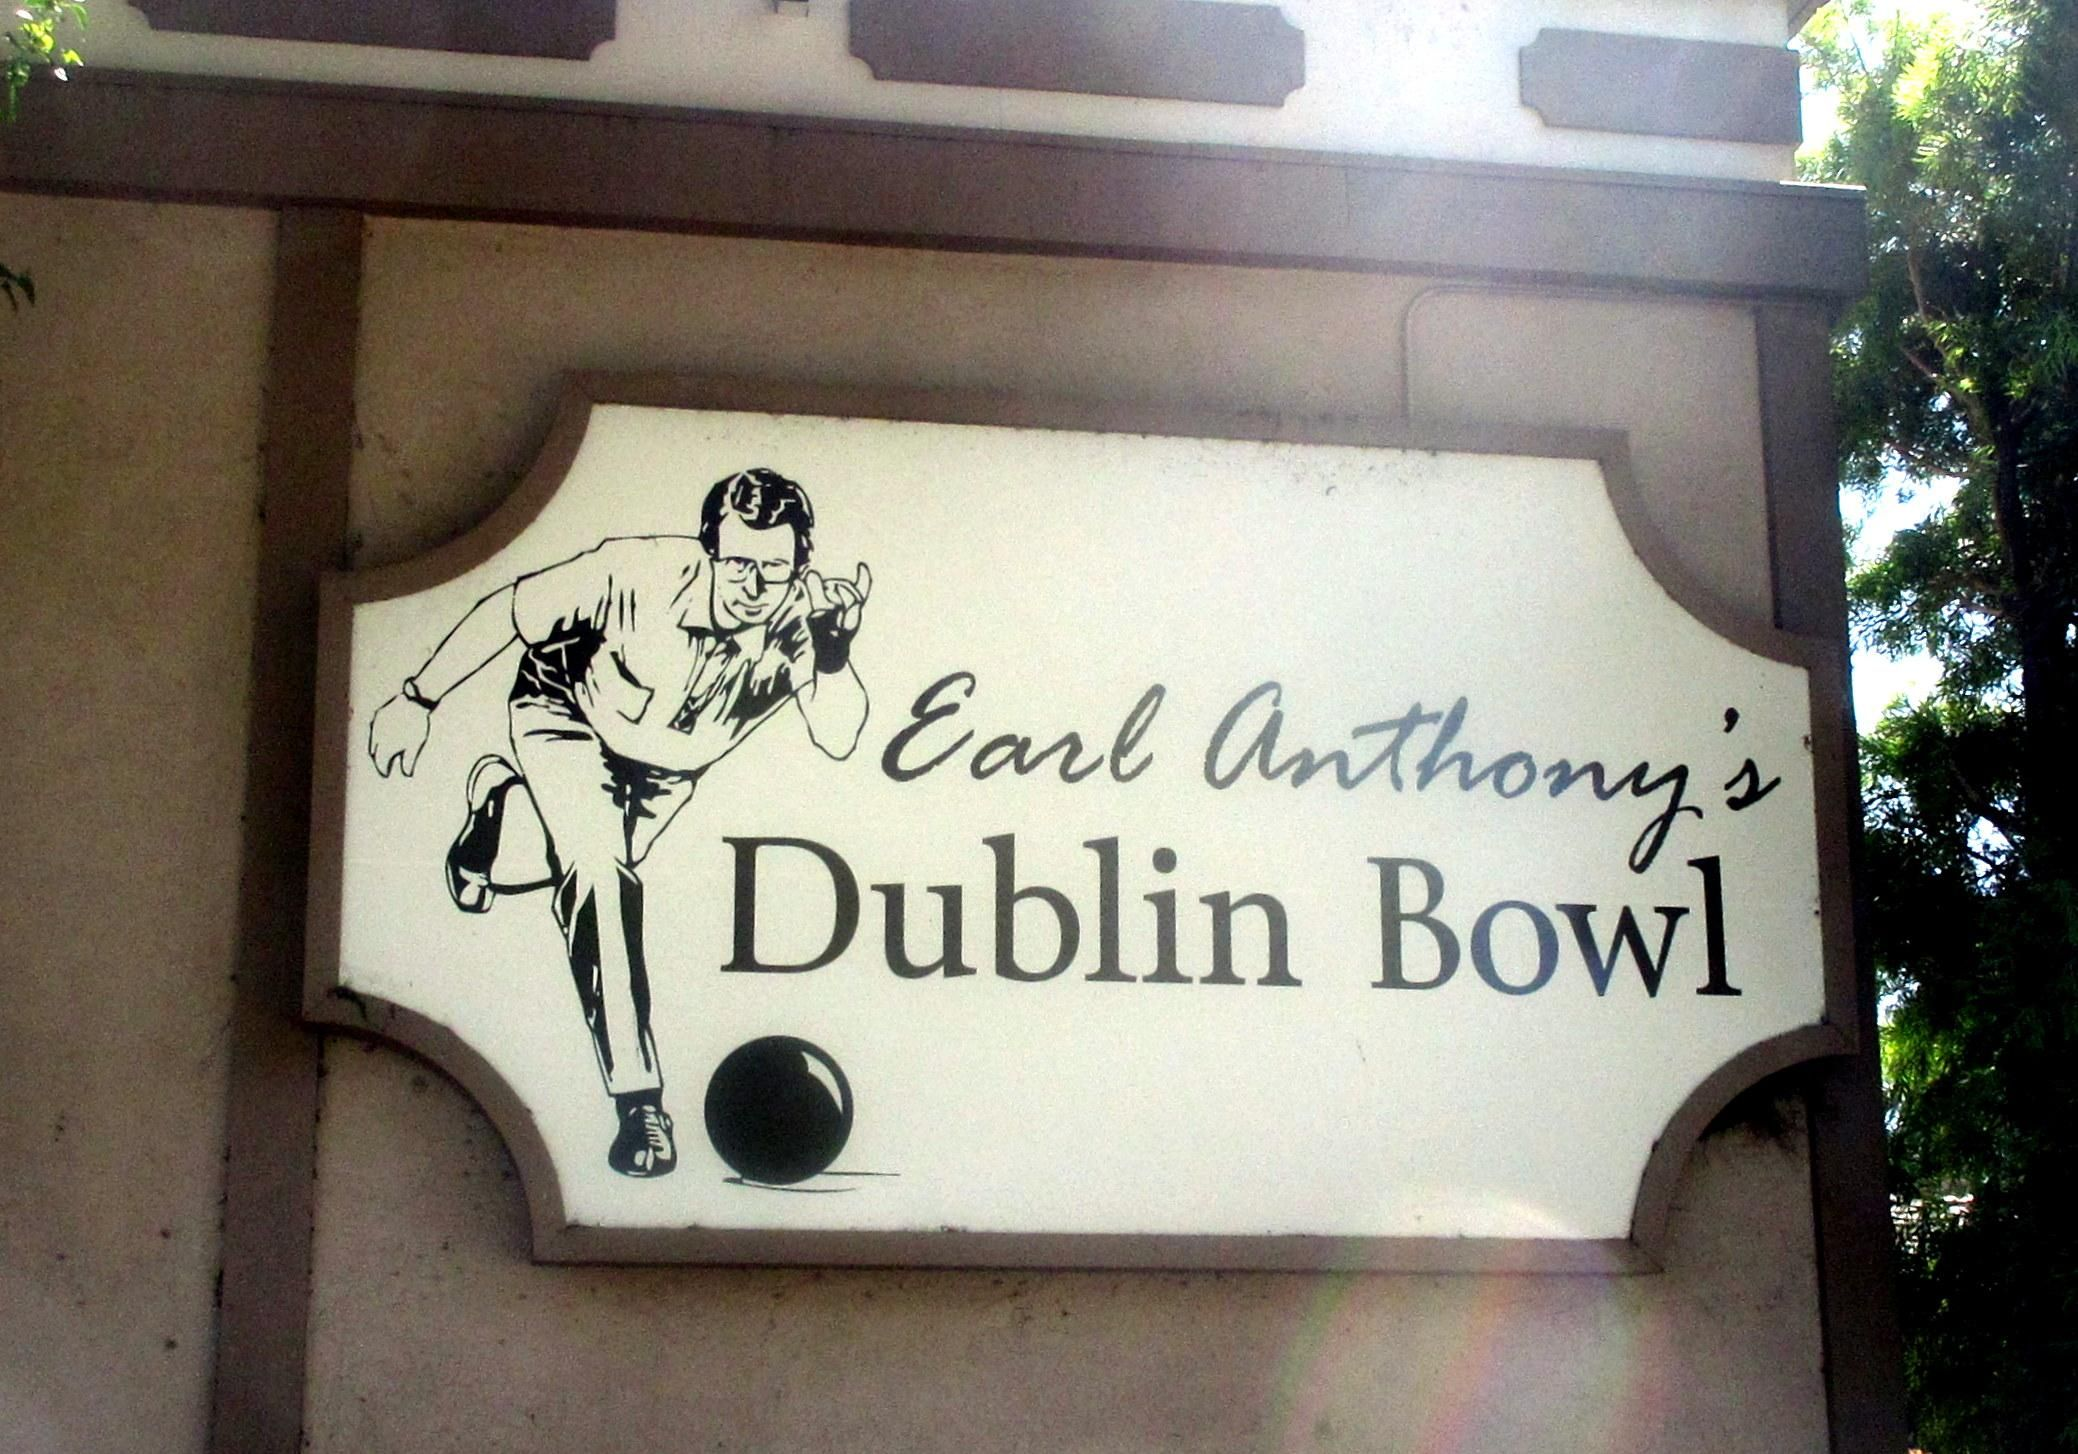 Earl Anthony S Dublin Bowl Ca Top Tips Before You Go With Photos Tripadvisor Trip Advisor Dublin Bowl